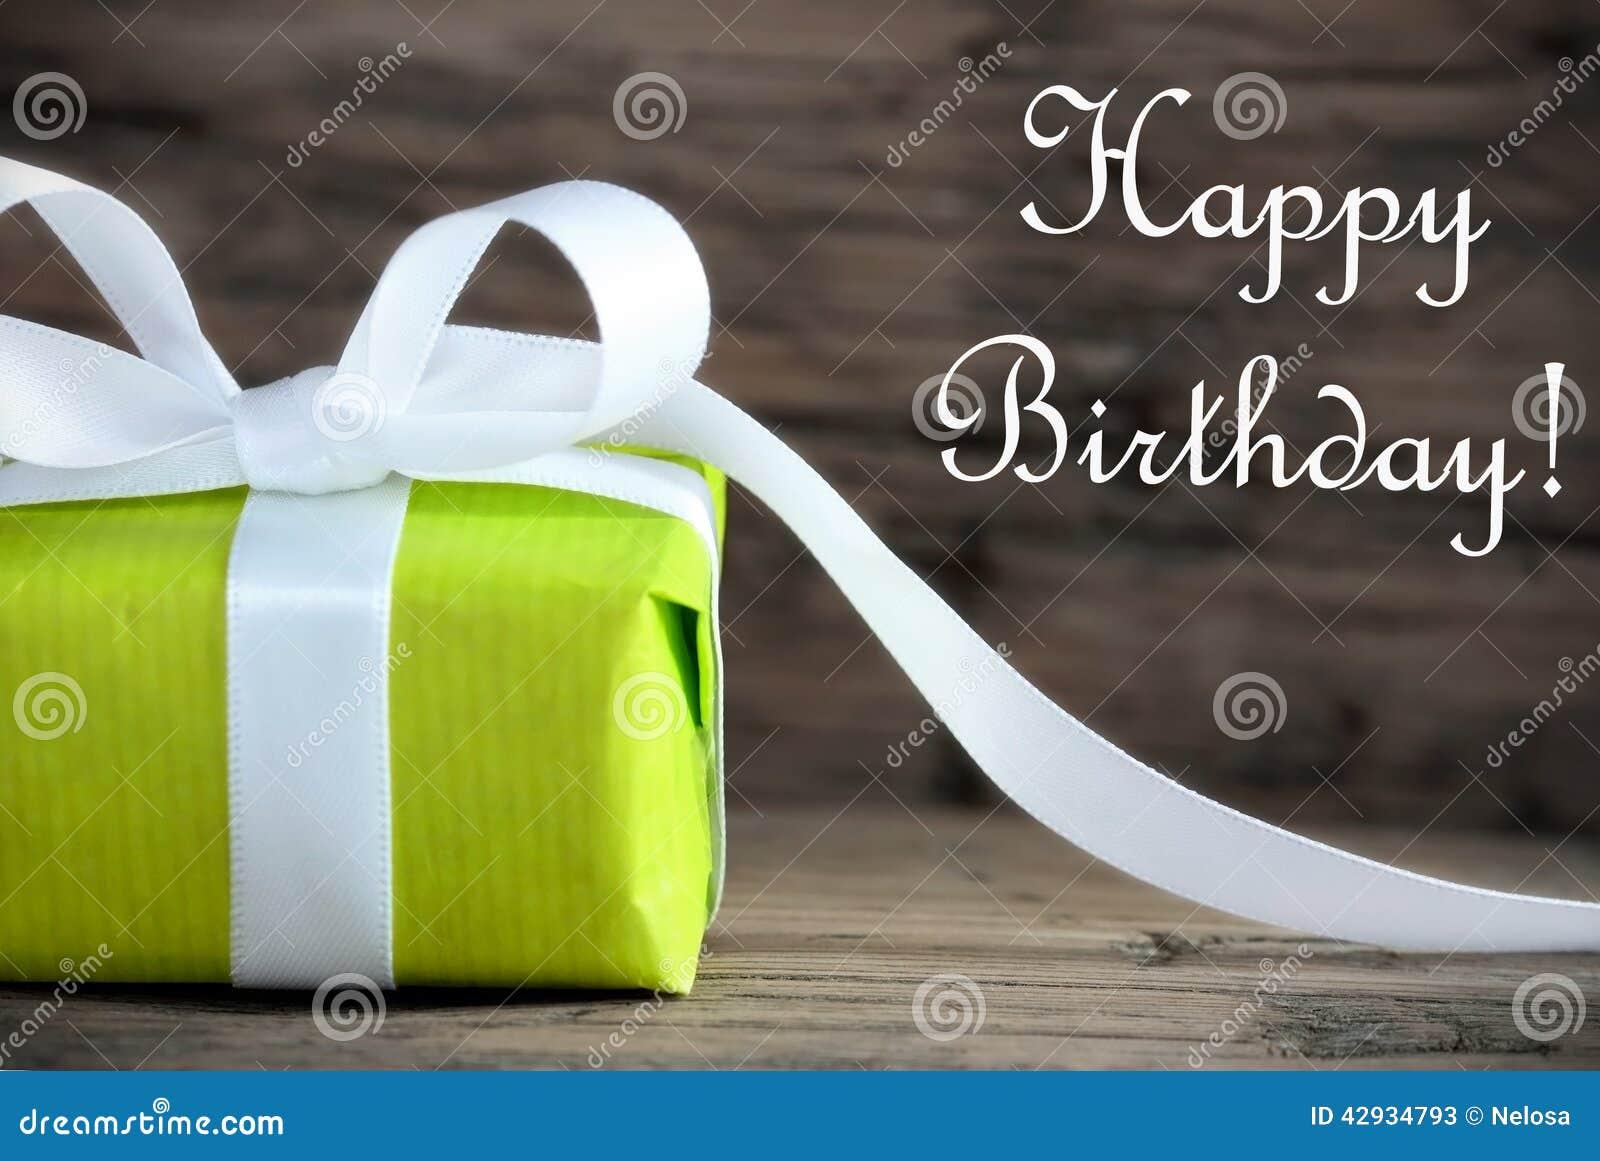 Presente verde com feliz aniversario